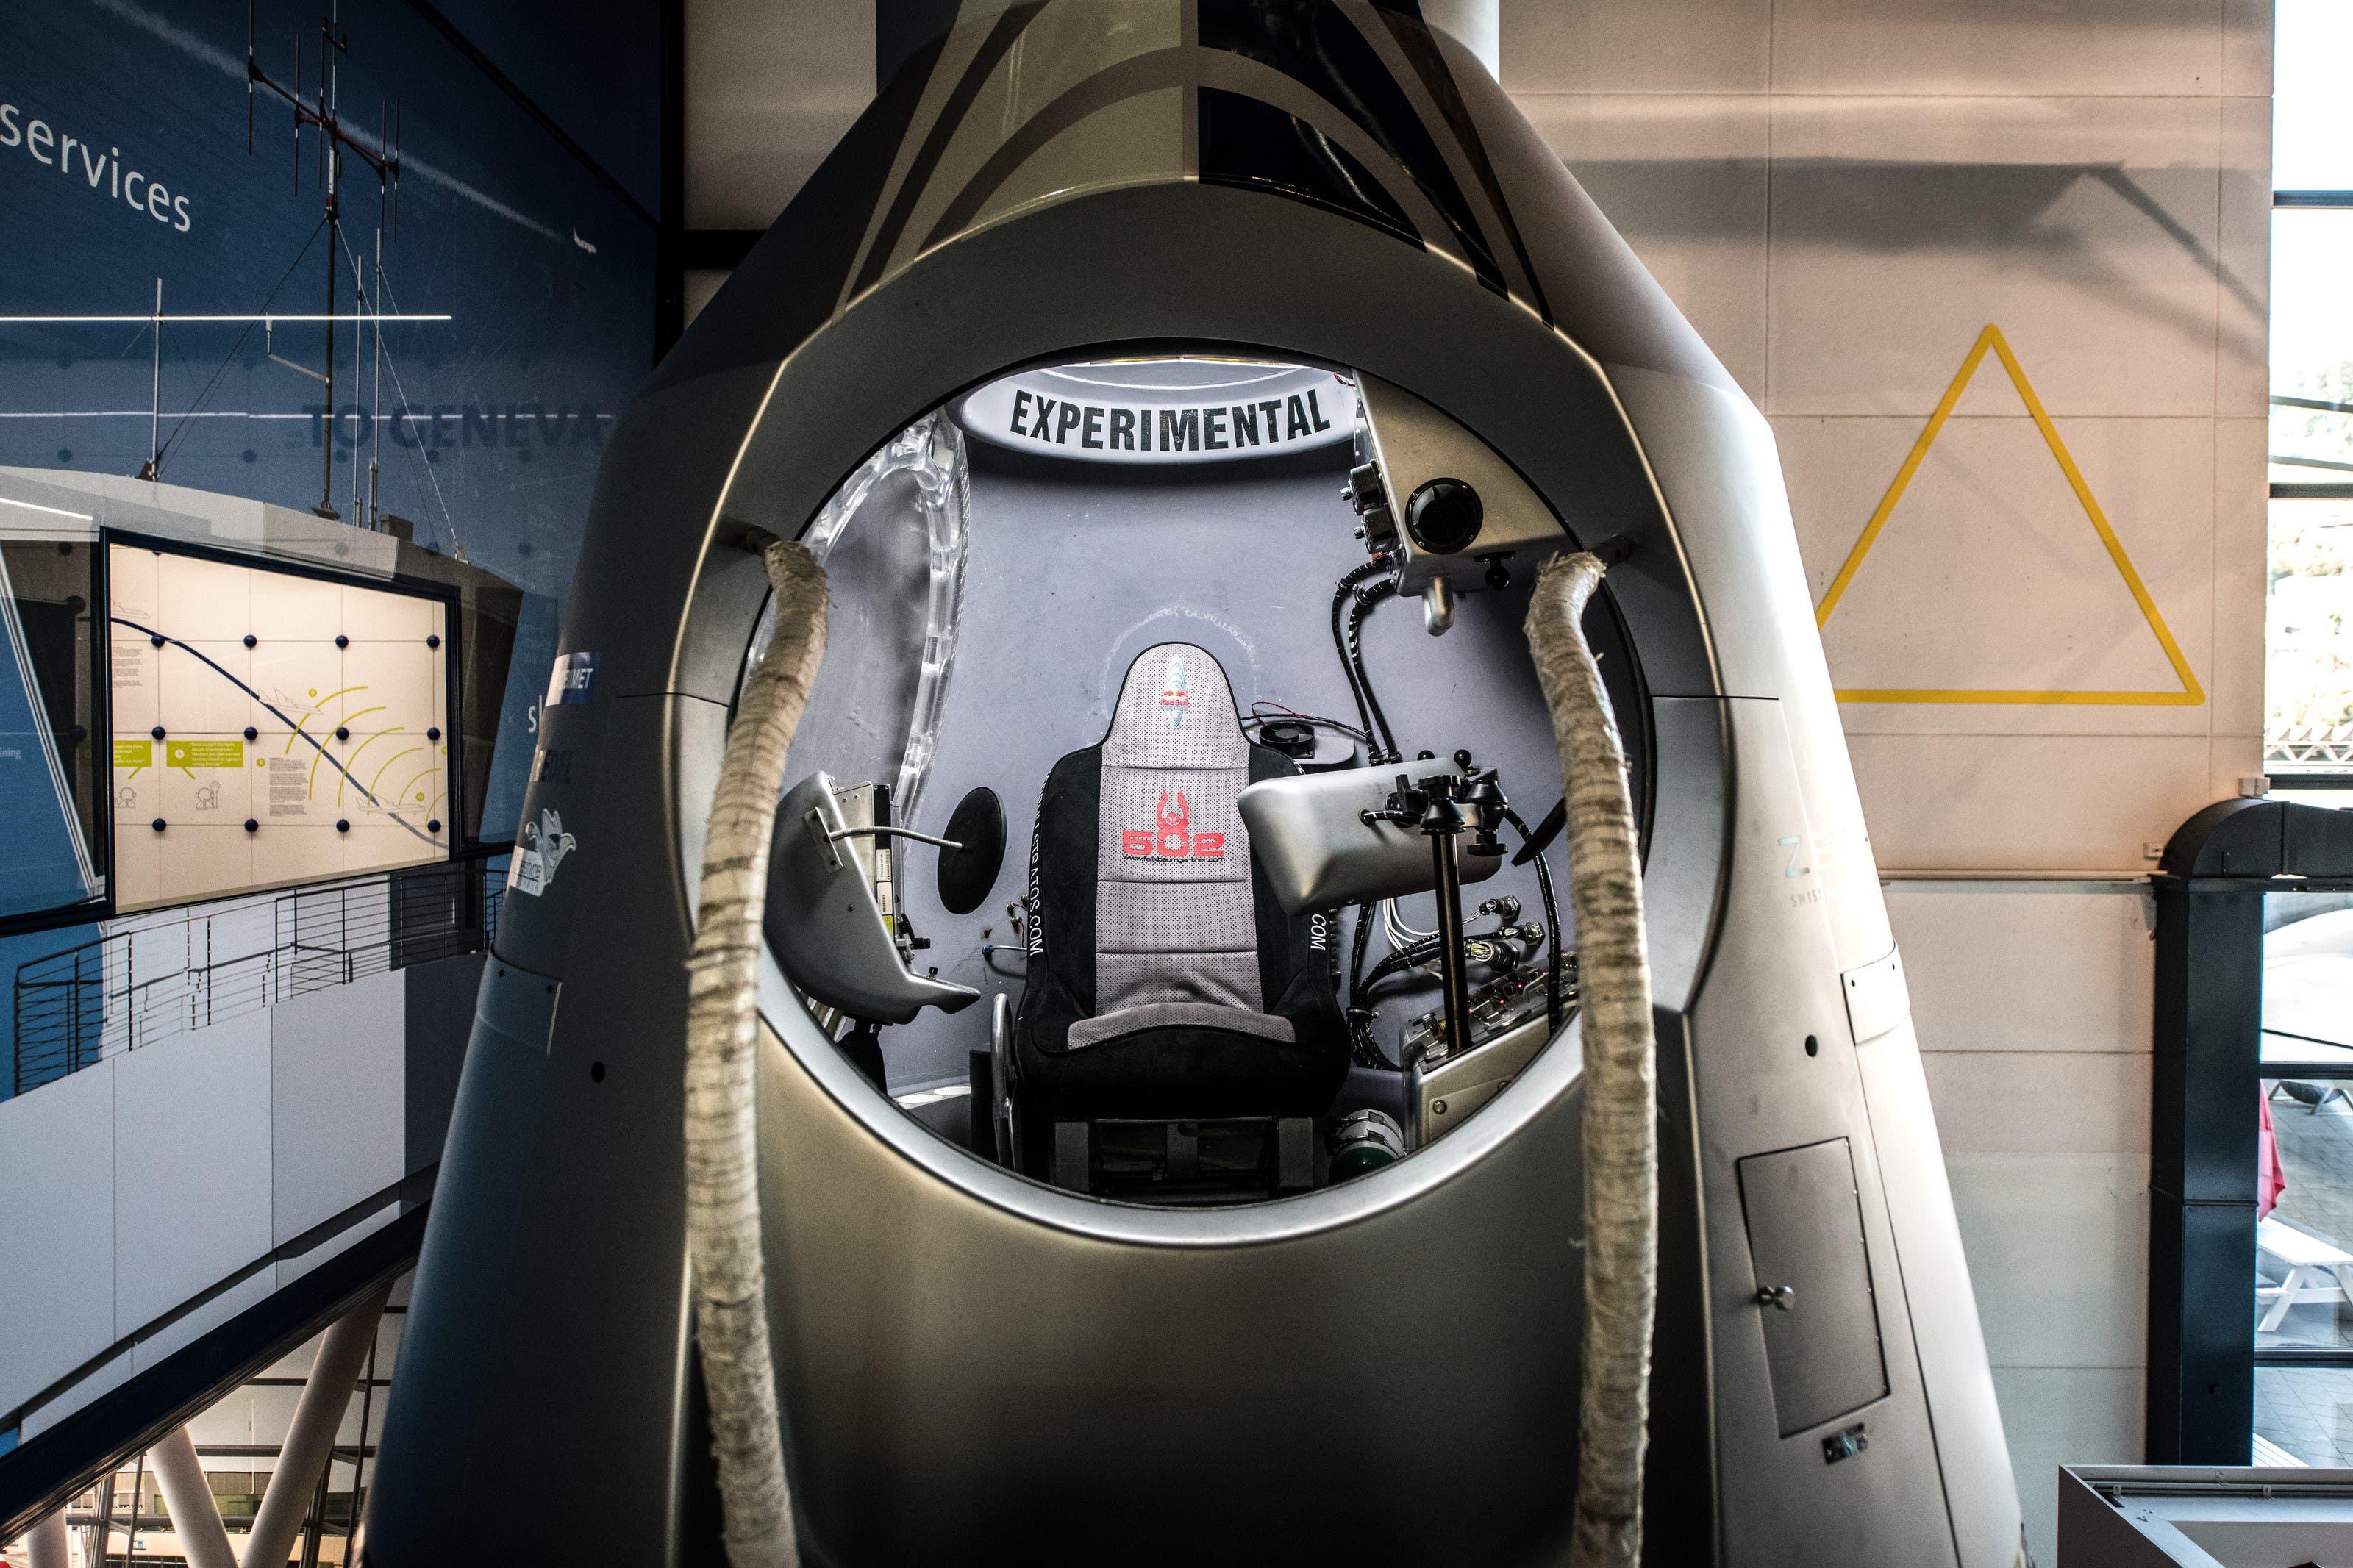 Vor sechs Jahren, am 14. Oktober 2012, sprang der österreichische Extremsportler Felix Baumgartner im Rahmen des Red Bull Stratos-Projektes aus dieser Kapsel aus der Stratosphäre in Richtung Erde.